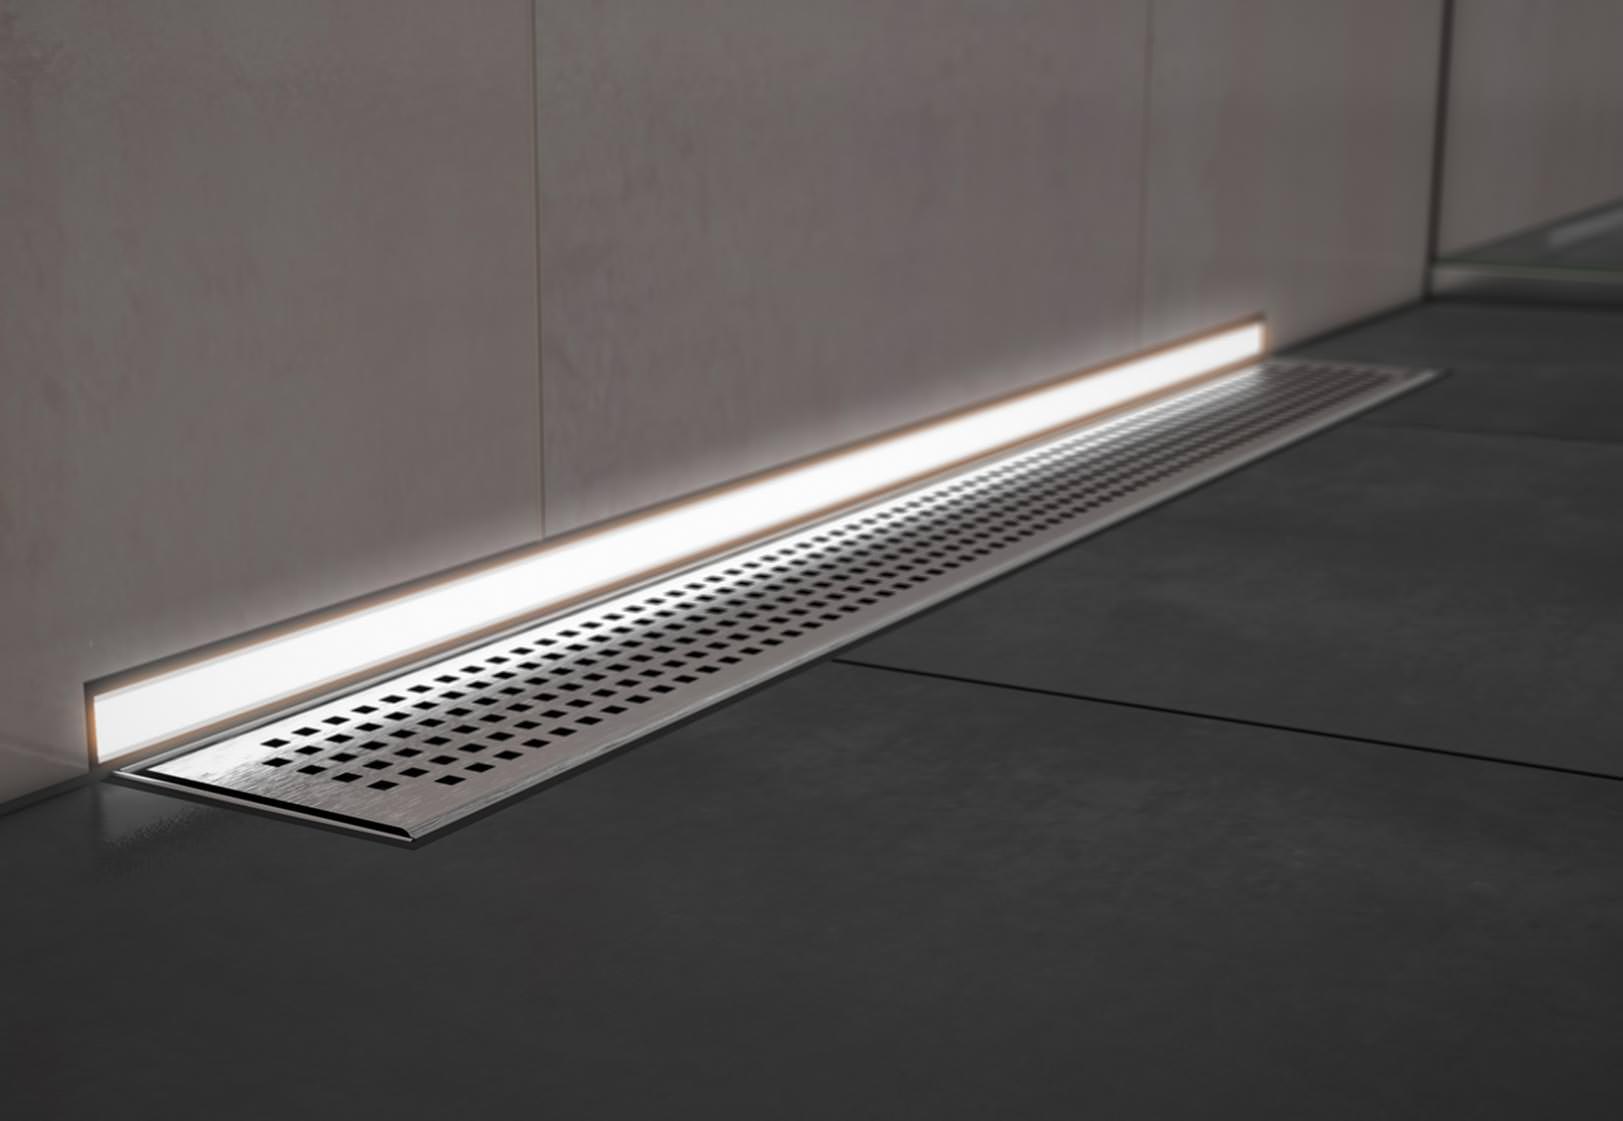 led licht auf ganzer duschentw sserungs linie aber. Black Bedroom Furniture Sets. Home Design Ideas